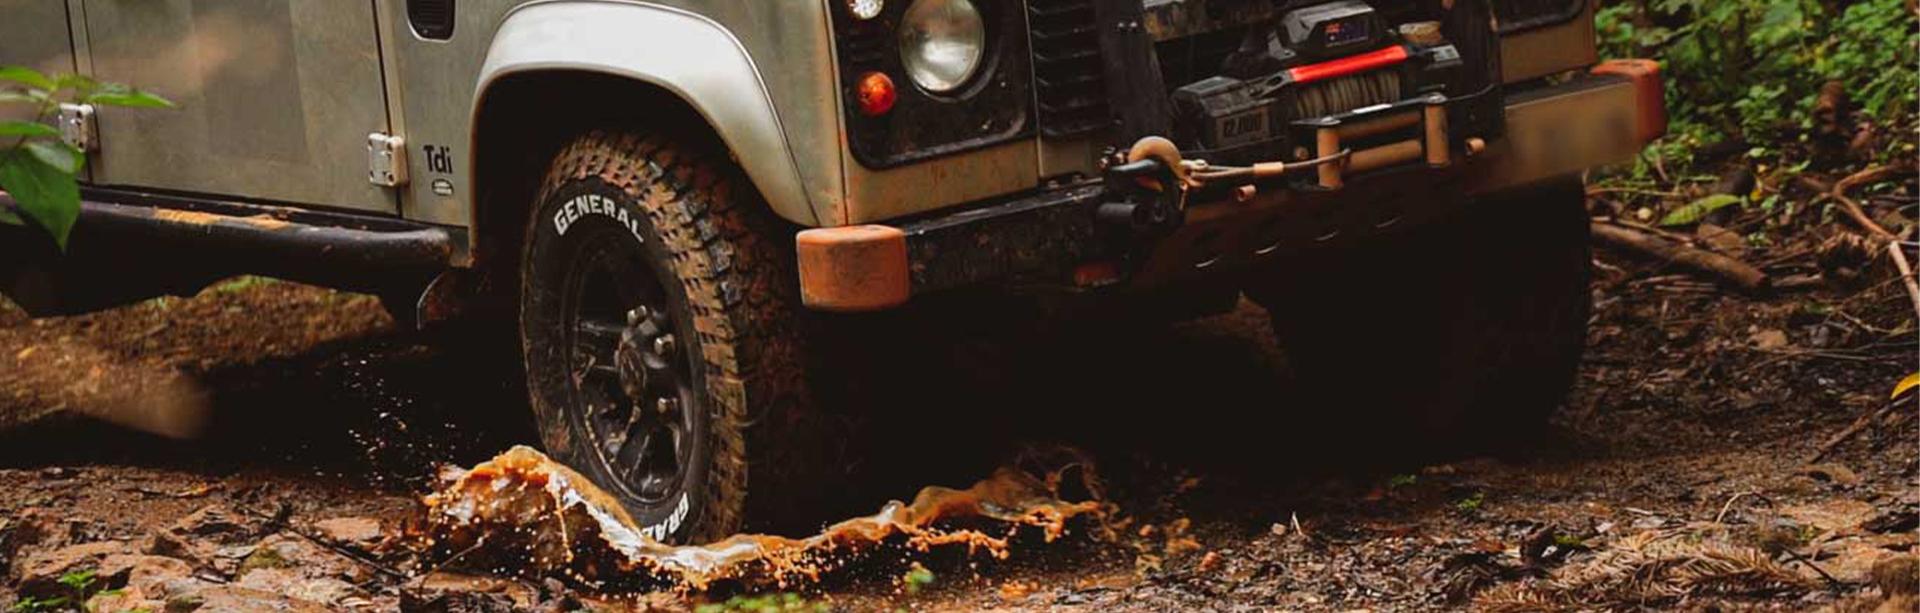 Expedição General Tire   Ep 5 - Serra da Bocaina - Veiculo atravessando lama